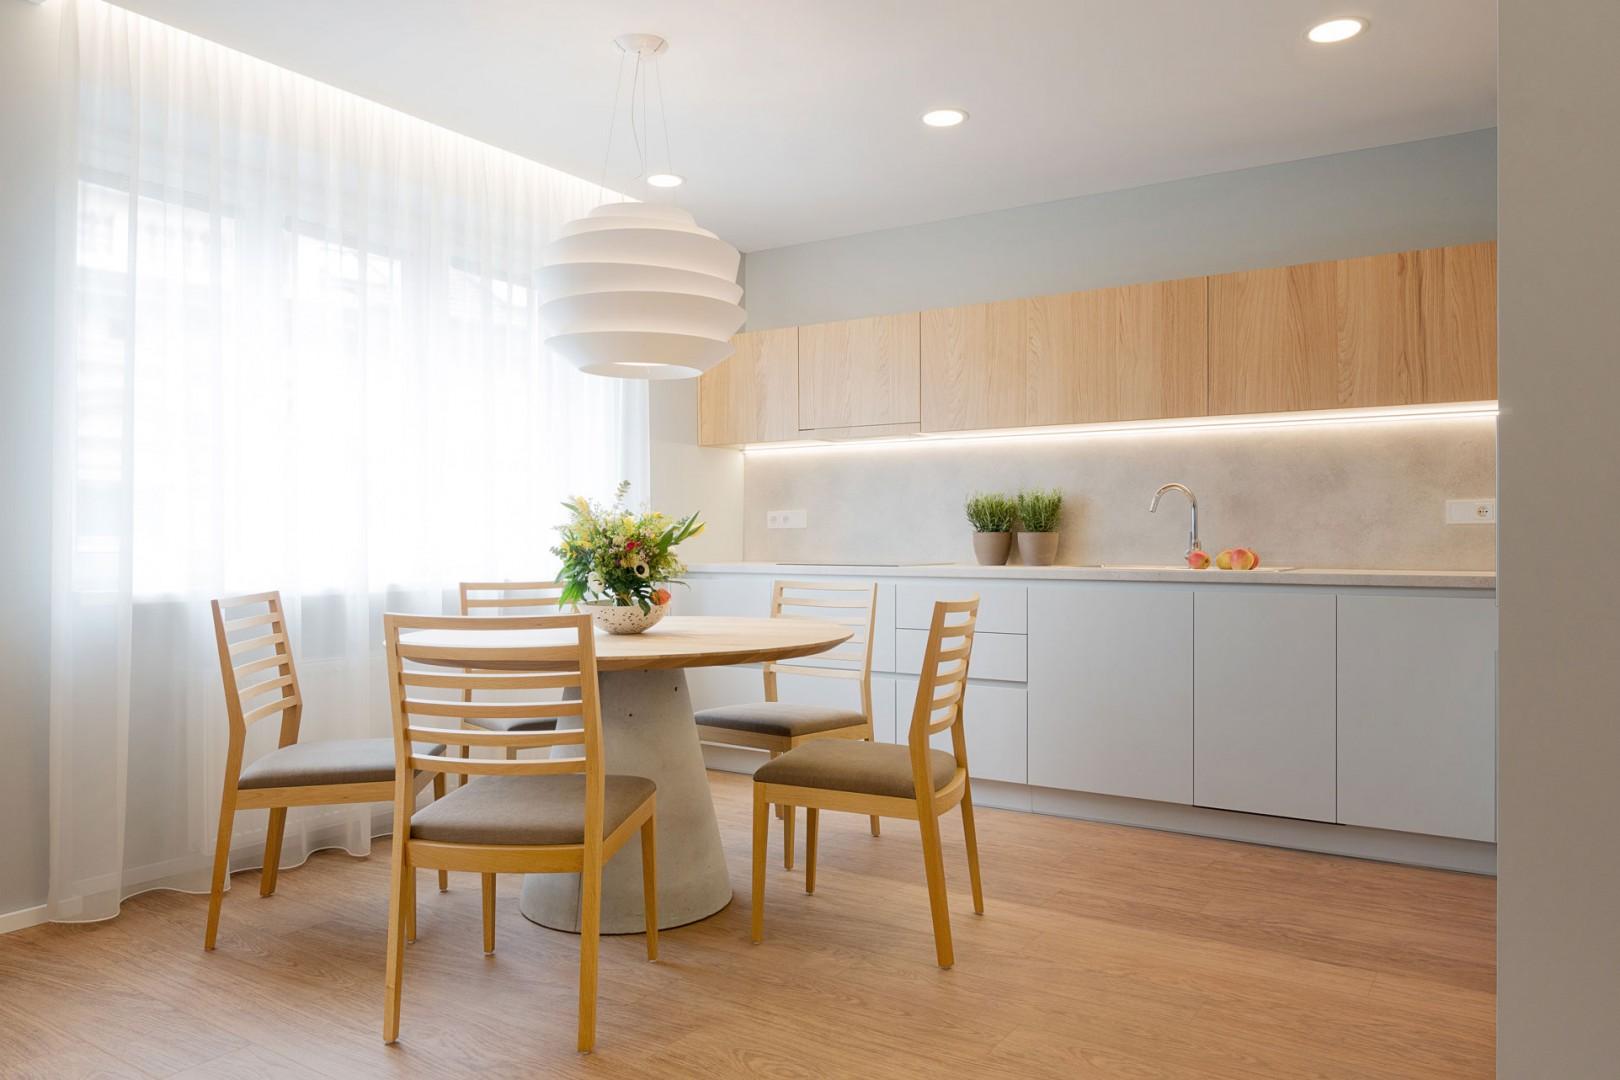 Design a realizácia interiéru bytu, kompletná realizácia , výroba nábytku a interiérových dverí na mieru, interiér na kľúč, rekonštrukcia bytu, inteligentné osvetlenie bytu